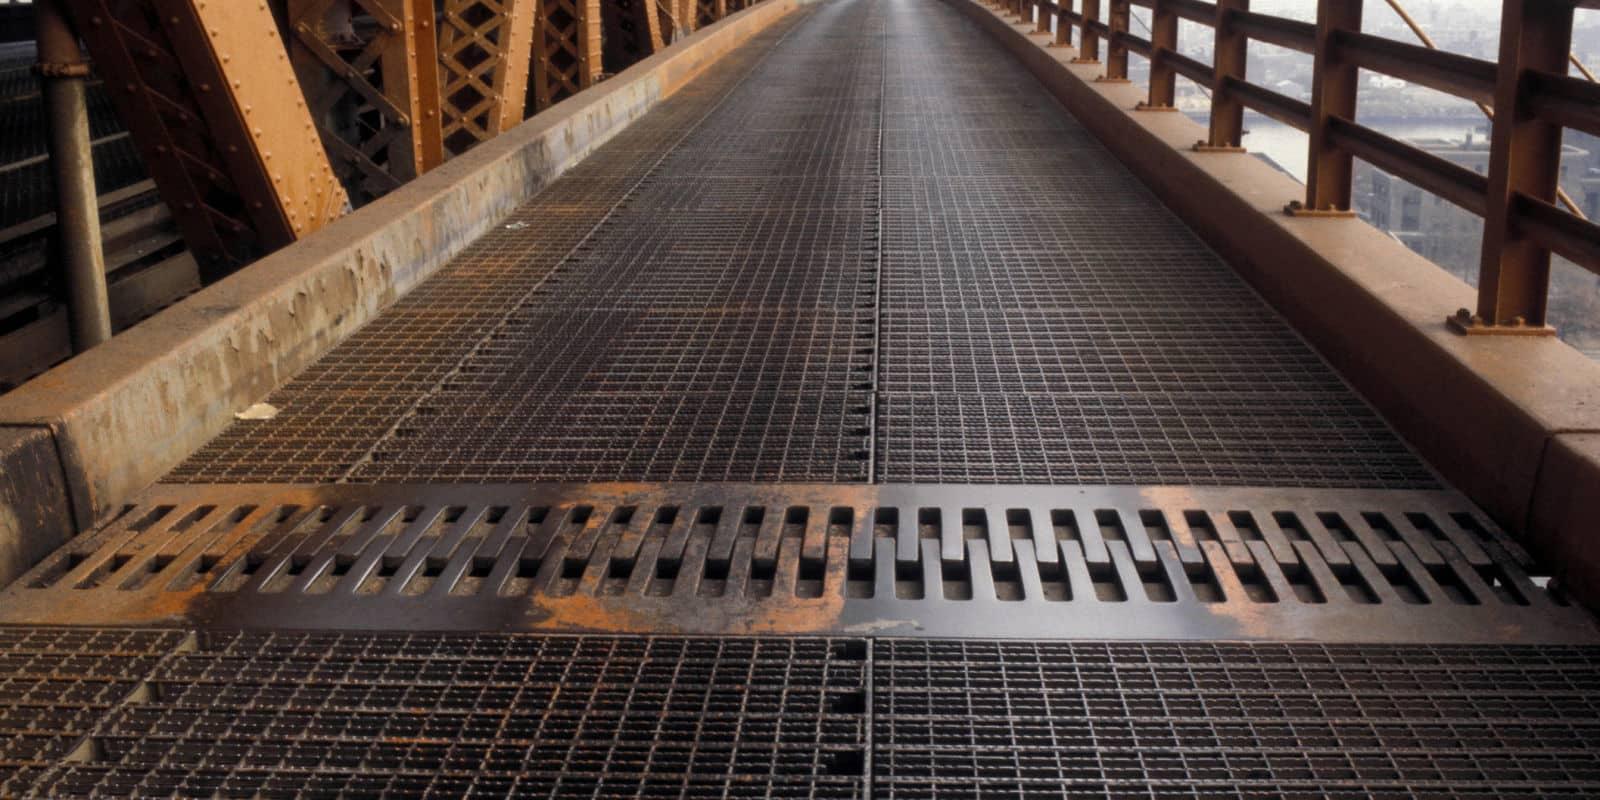 ¡Este material no se expande con el calor! Los futuros puentes podrían hacerse con una impresora 3D